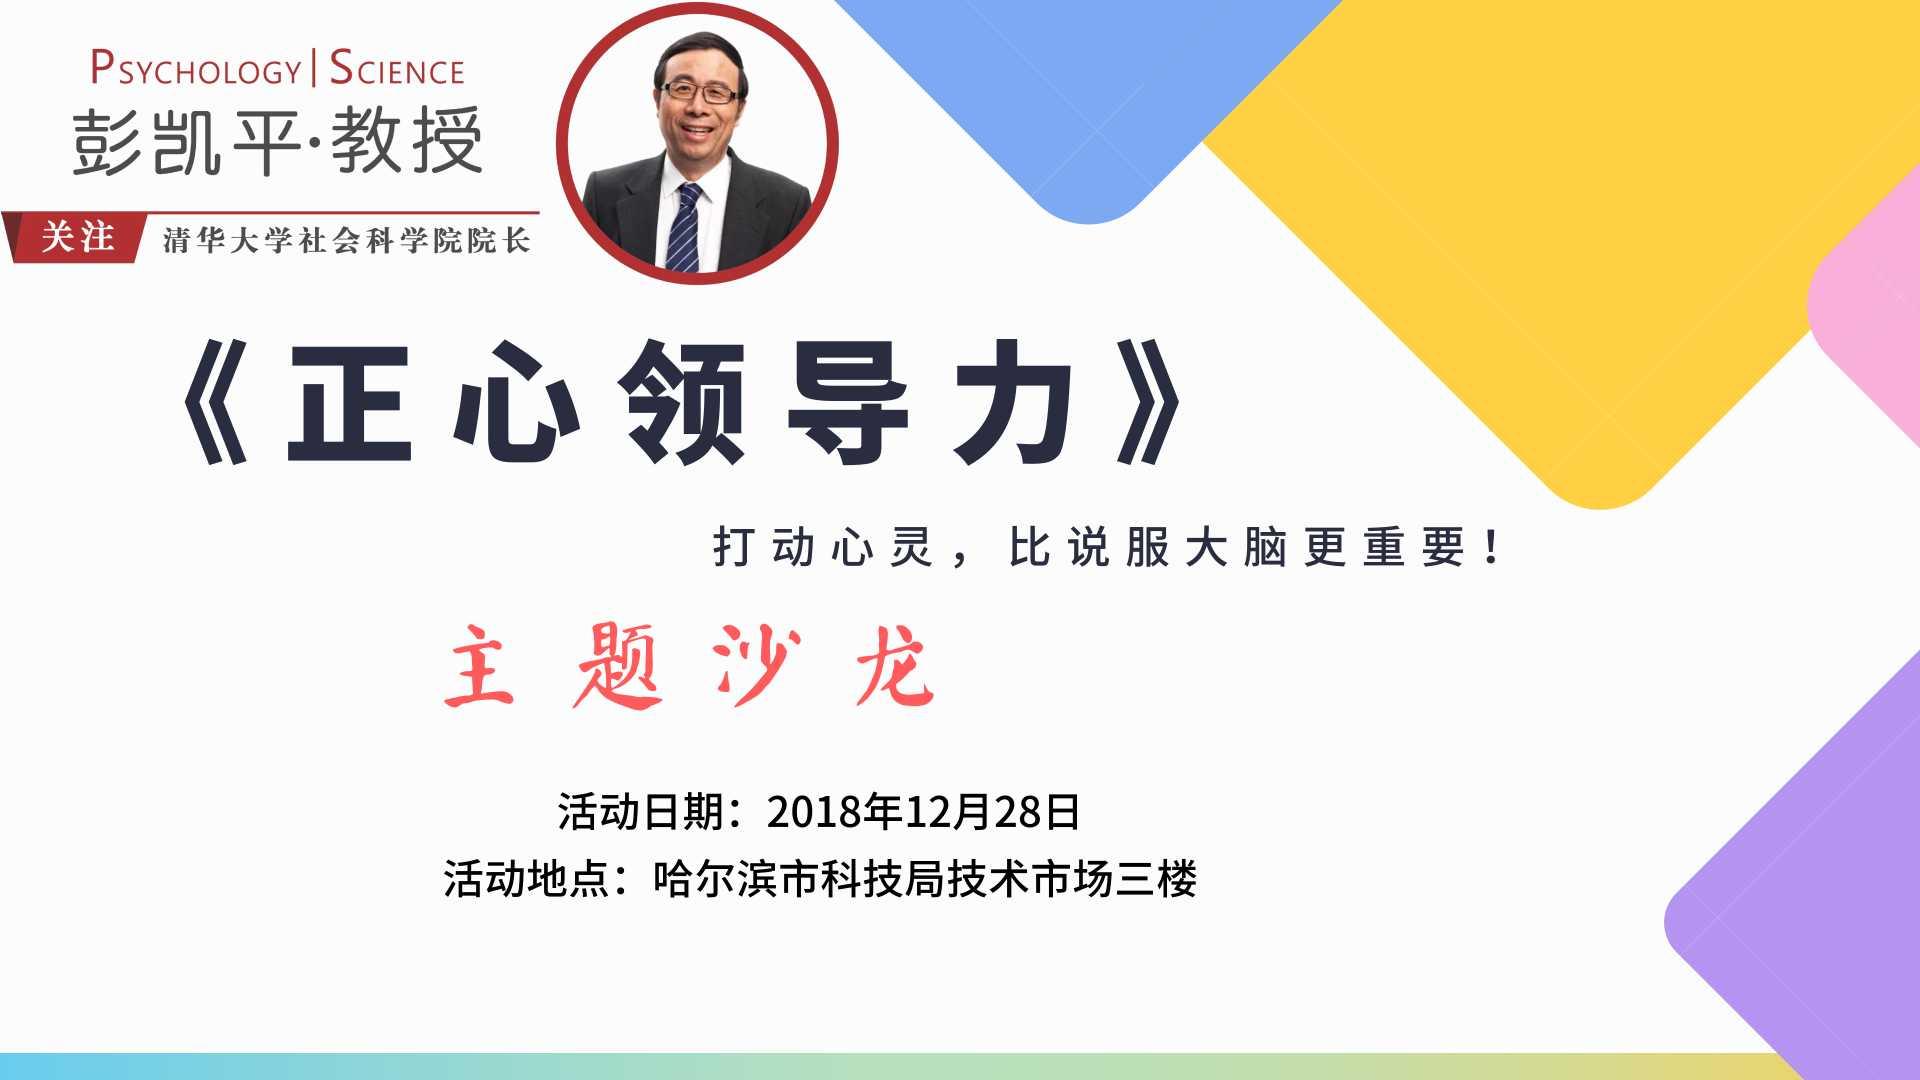 【视频回顾】《正心领导力》沙龙活动-哈尔滨市科技创新创业系列服务活动之(二十)